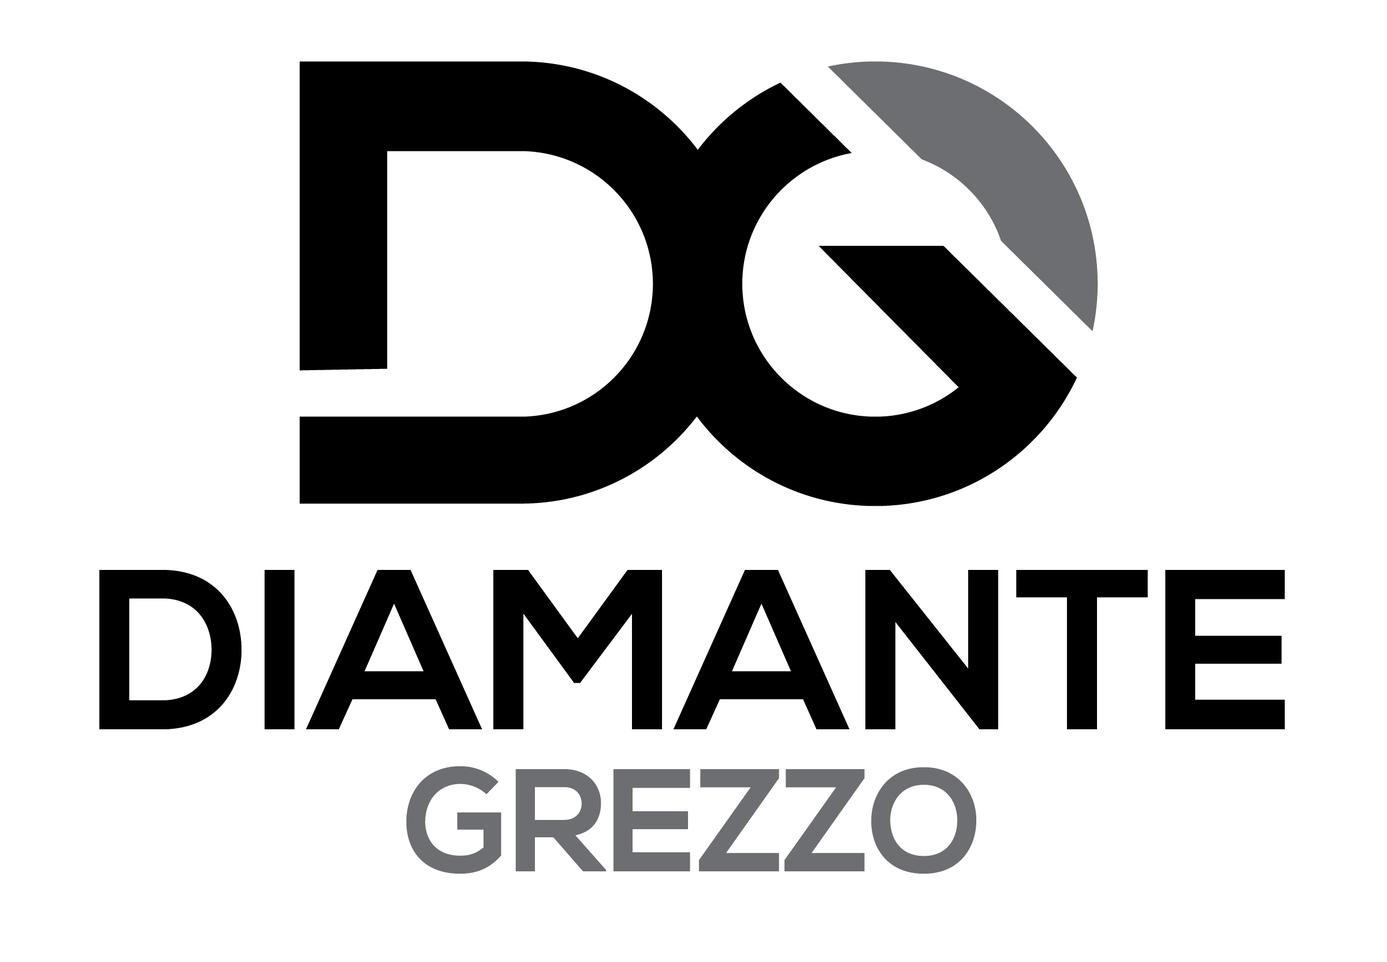 Diamante Grezzo 02-02